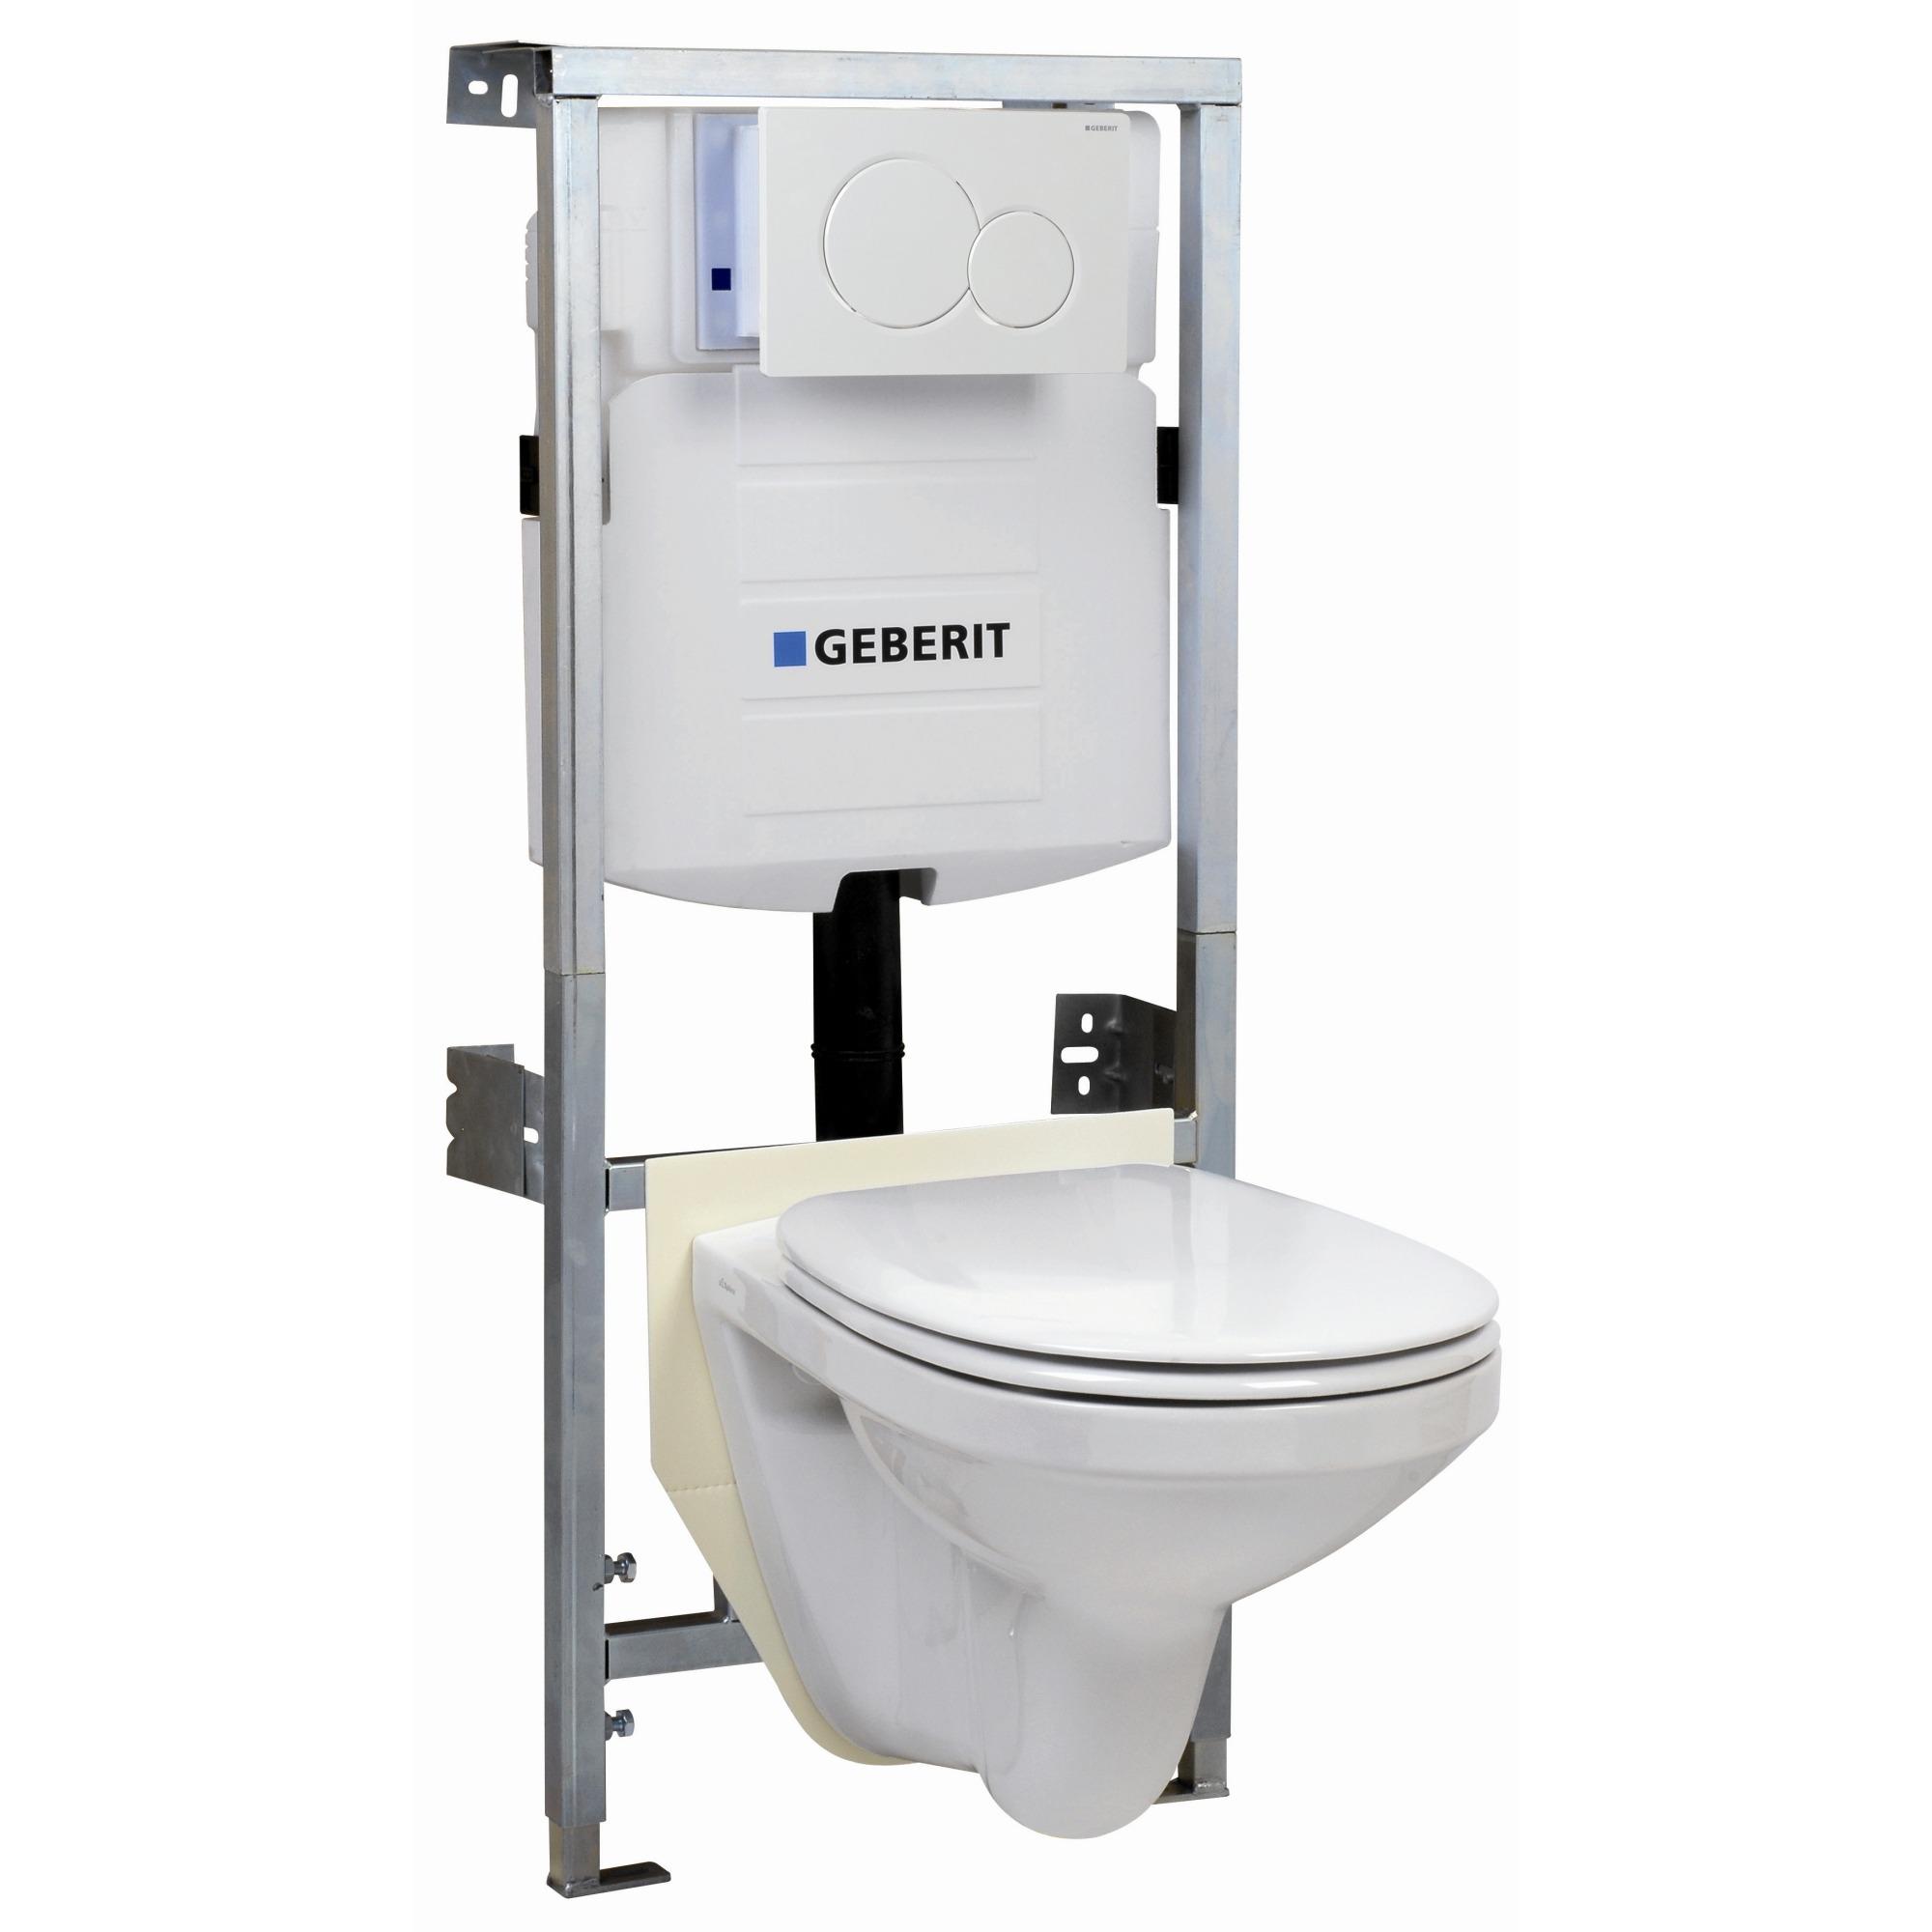 geberit pack wc suspendu autoportant blanc r servoirs wc toilettes sanitaire chauffage. Black Bedroom Furniture Sets. Home Design Ideas